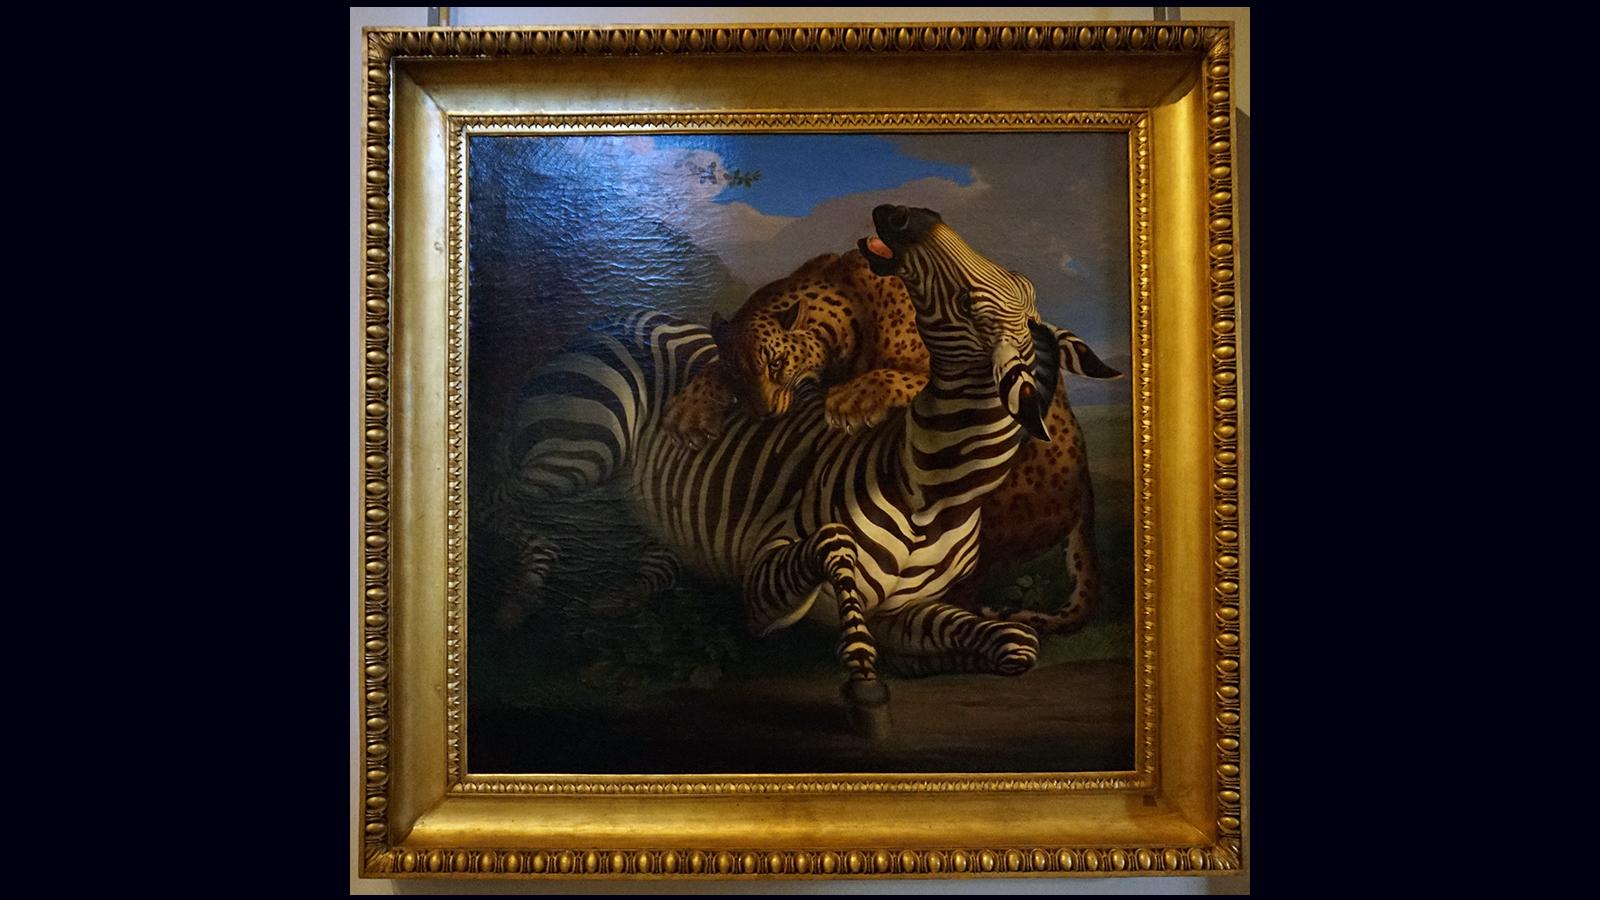 Wenzel Peter - bitwa zebry z leopardem